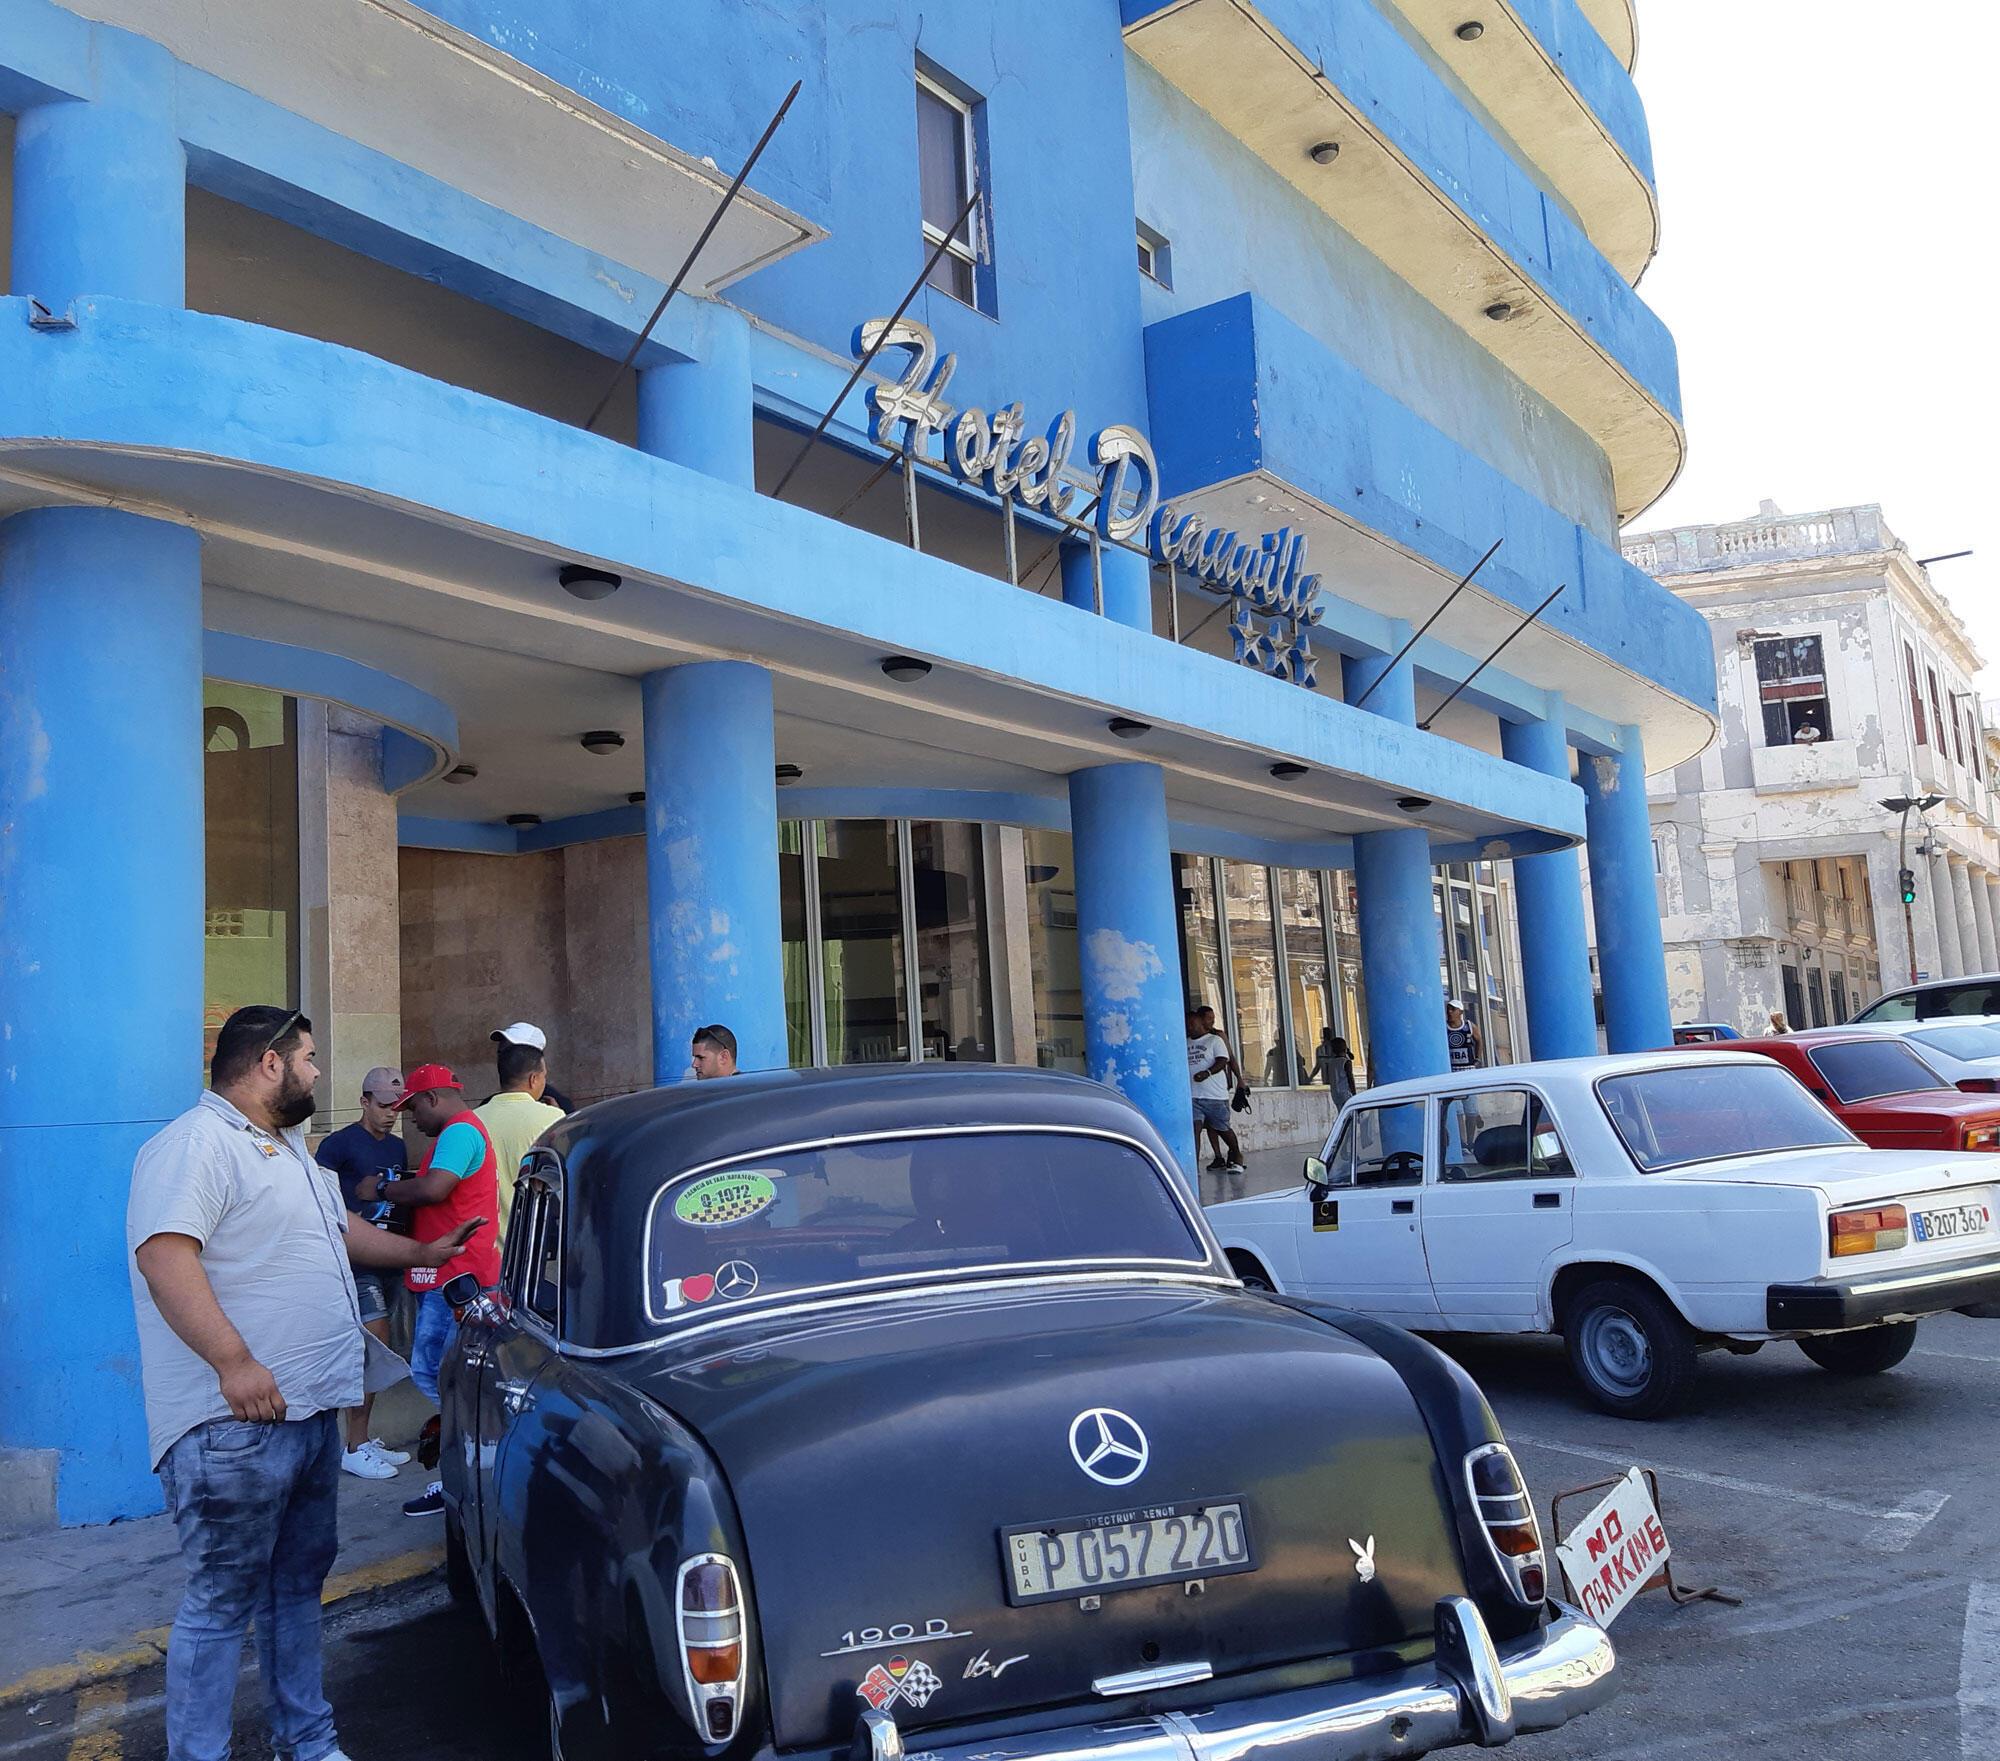 Les couleurs très kitschs de la façade de l'hôtel Deauville près du Malecón, dont on dit qu'il avait été construit par la mafia.